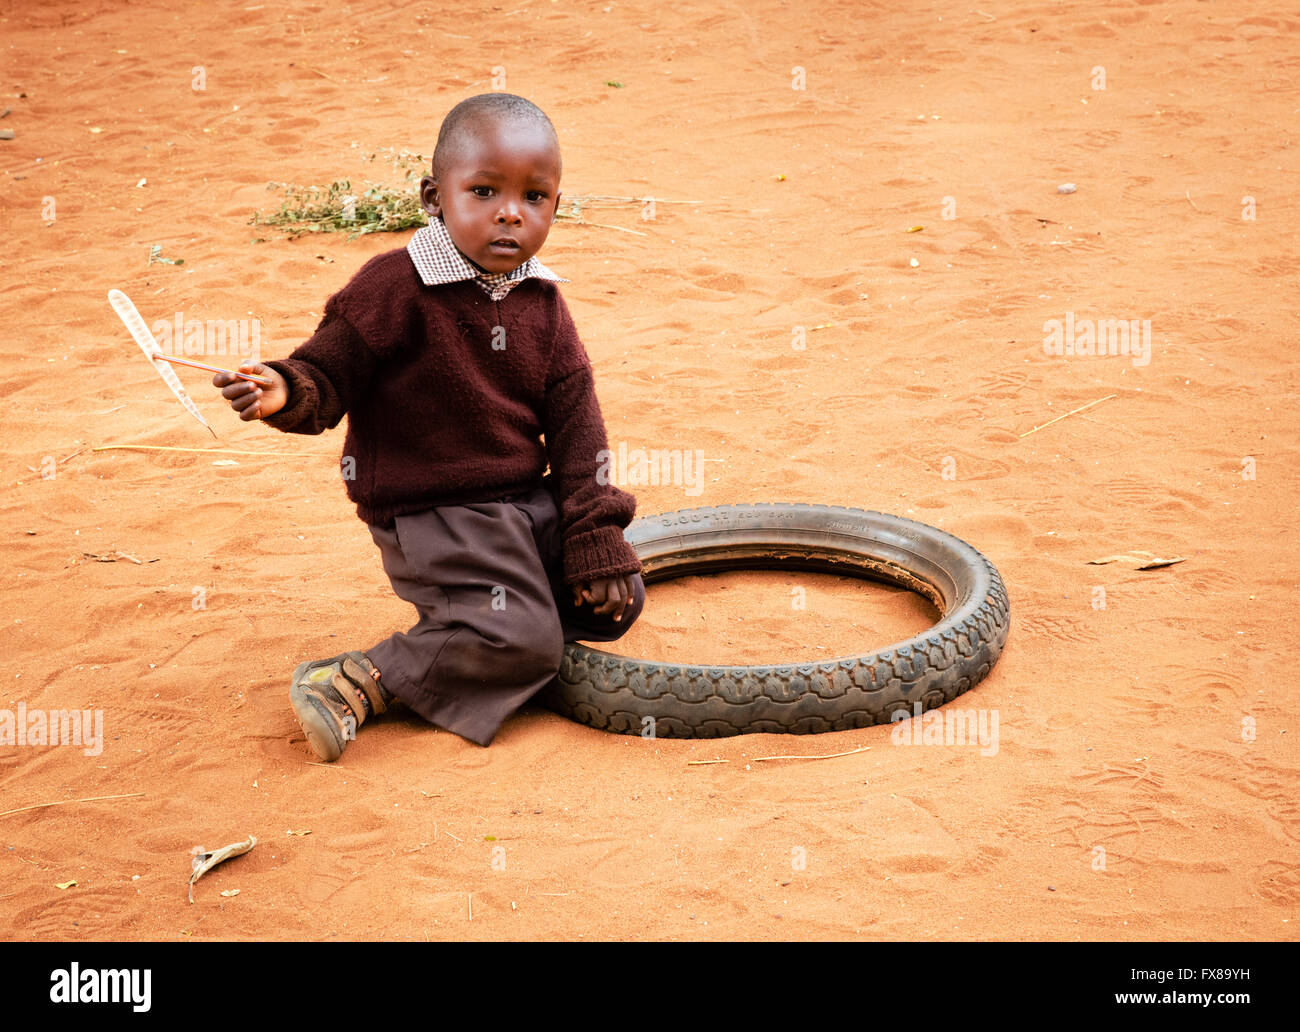 Un joven colegial jugando con juguetes improvisados de una hélice de palo y un neumático viejo en una Imagen De Stock